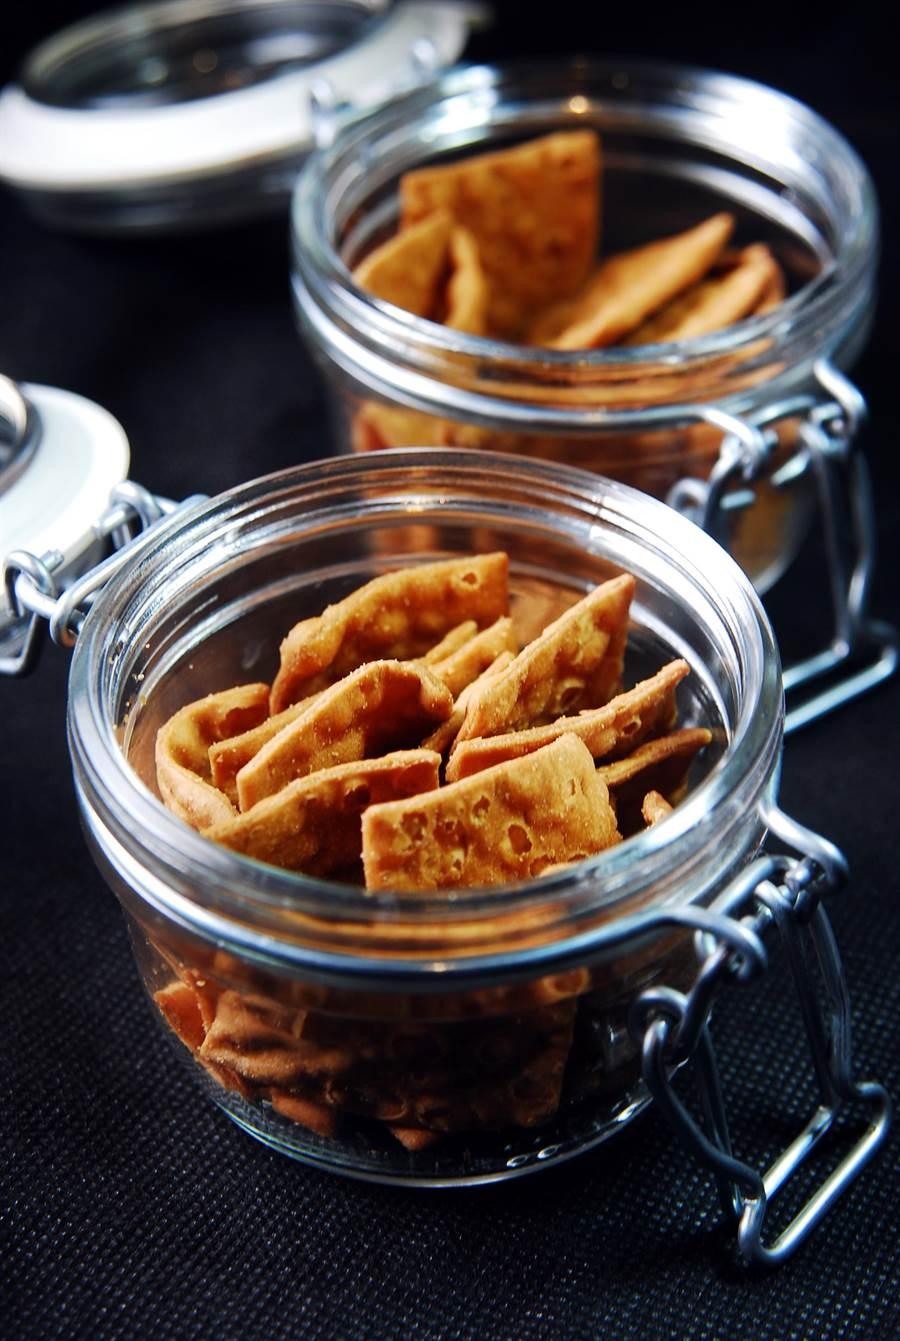 〈黑輪吧〉的客人在等待廚師煮黑輪時,可以免費吃台南的〈菜脯餅〉。(圖/姚舜攝)